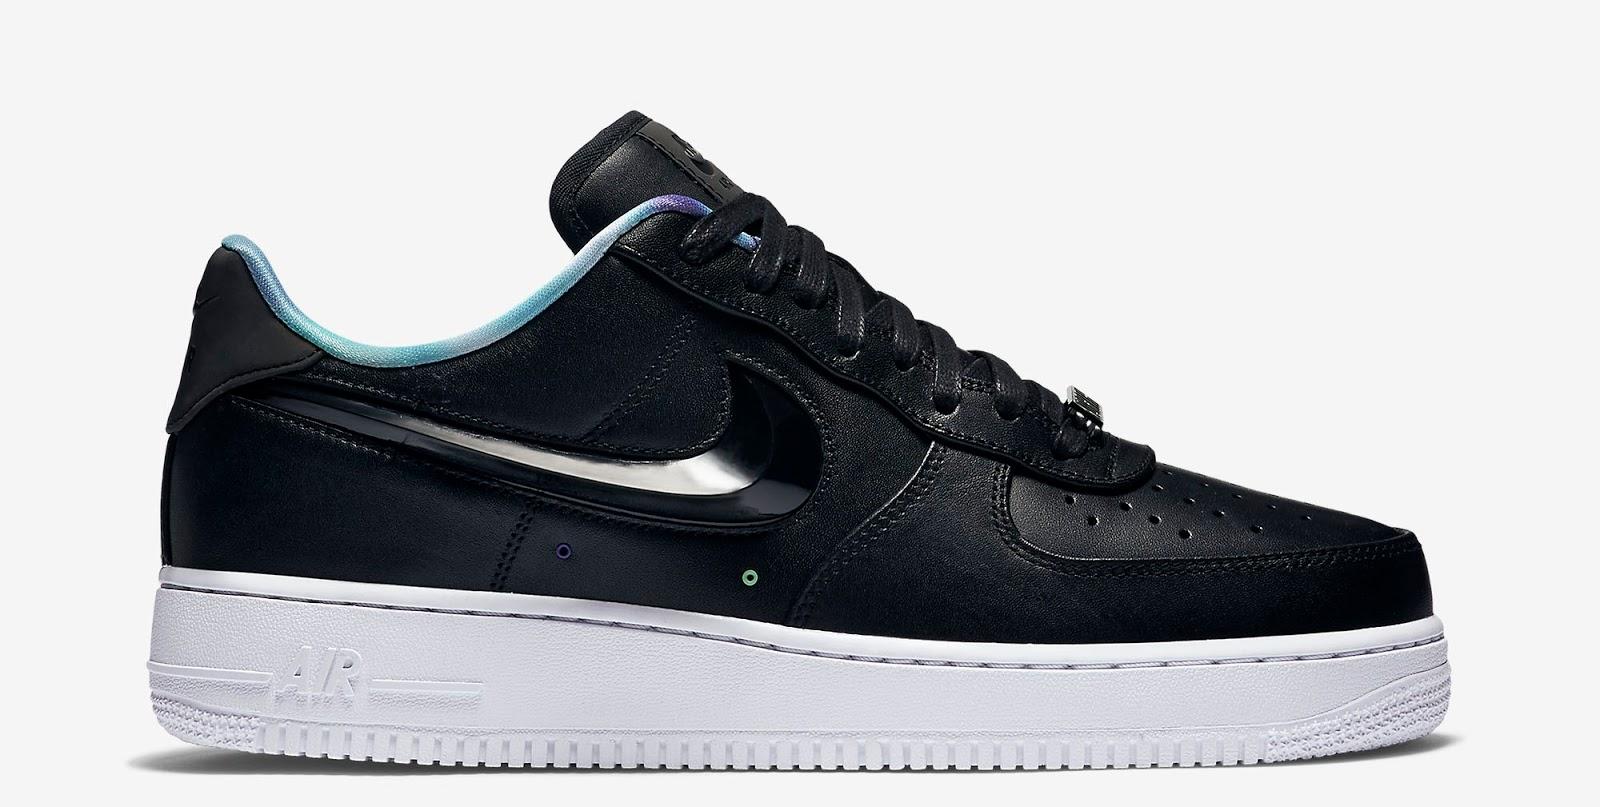 Nike Sb Northern Lights High